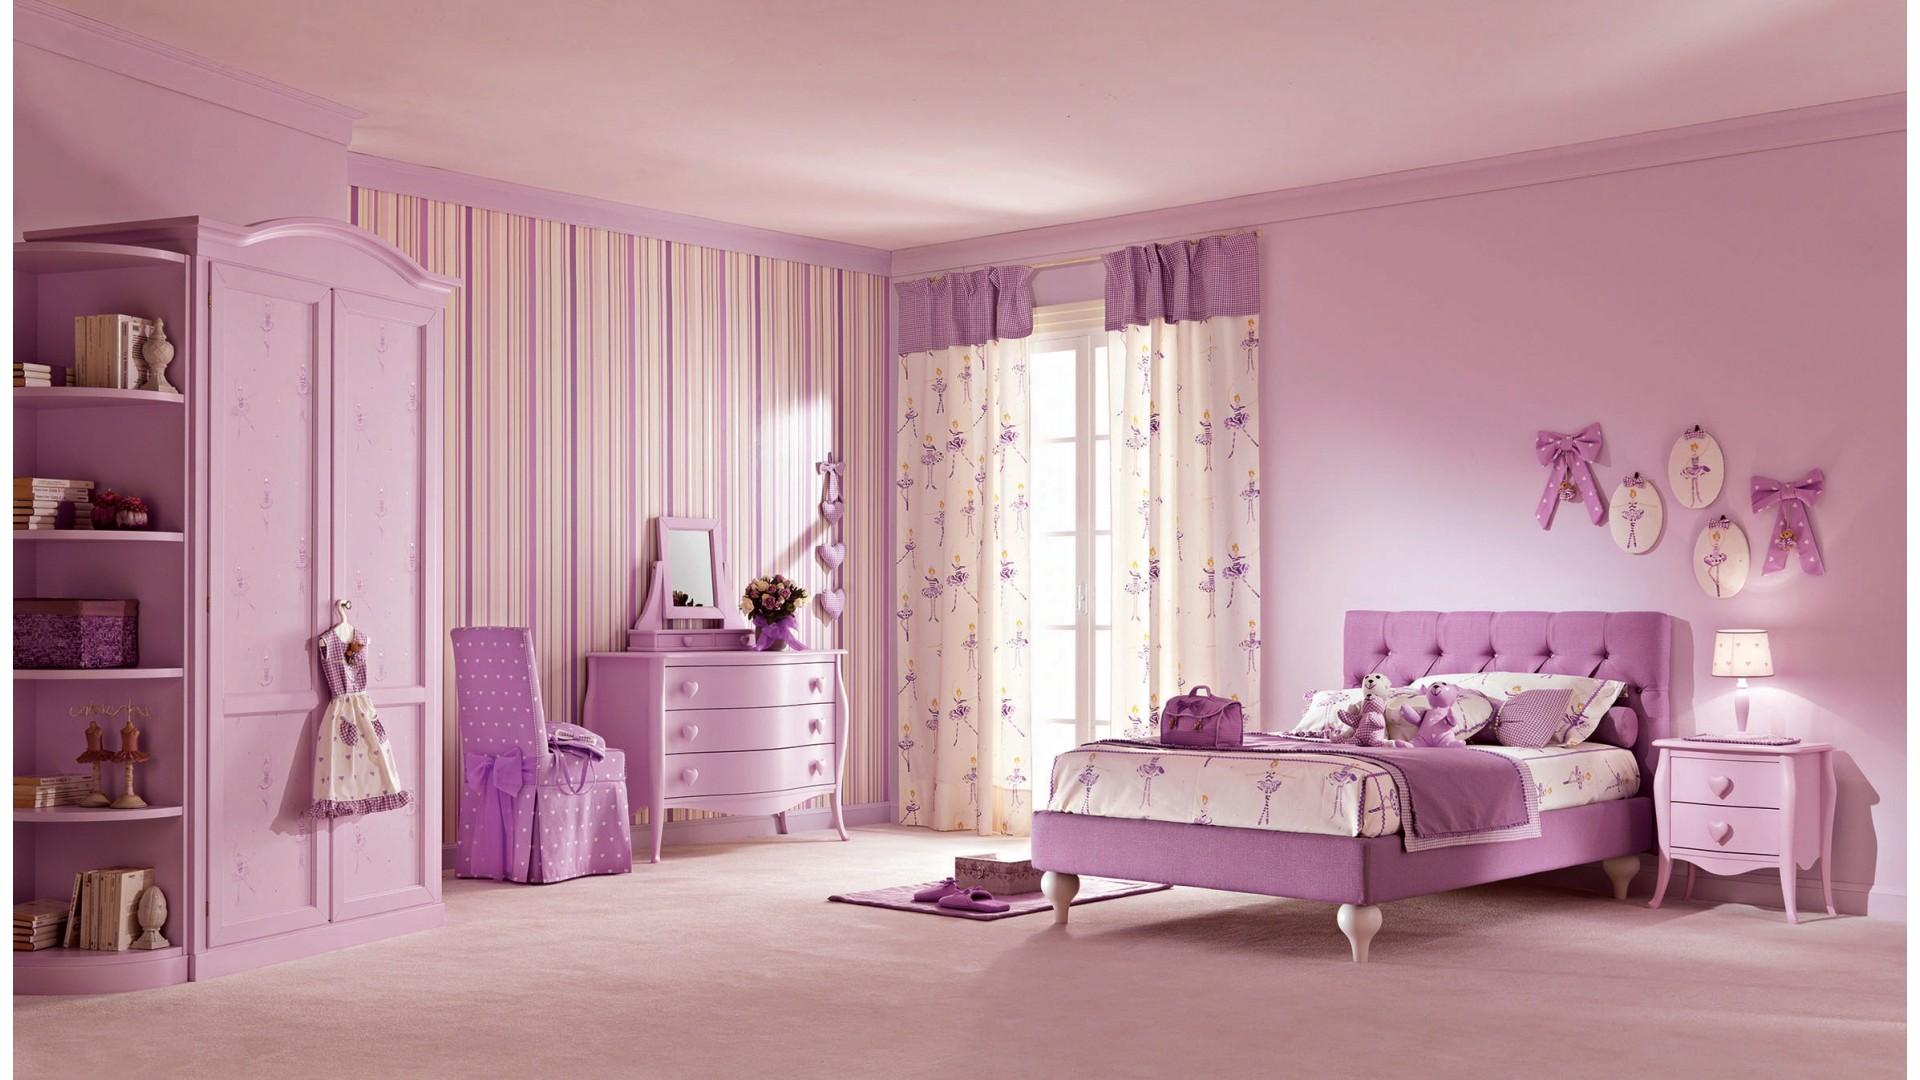 lit princesse 1 personne chambre personnalisable maeva piermaria